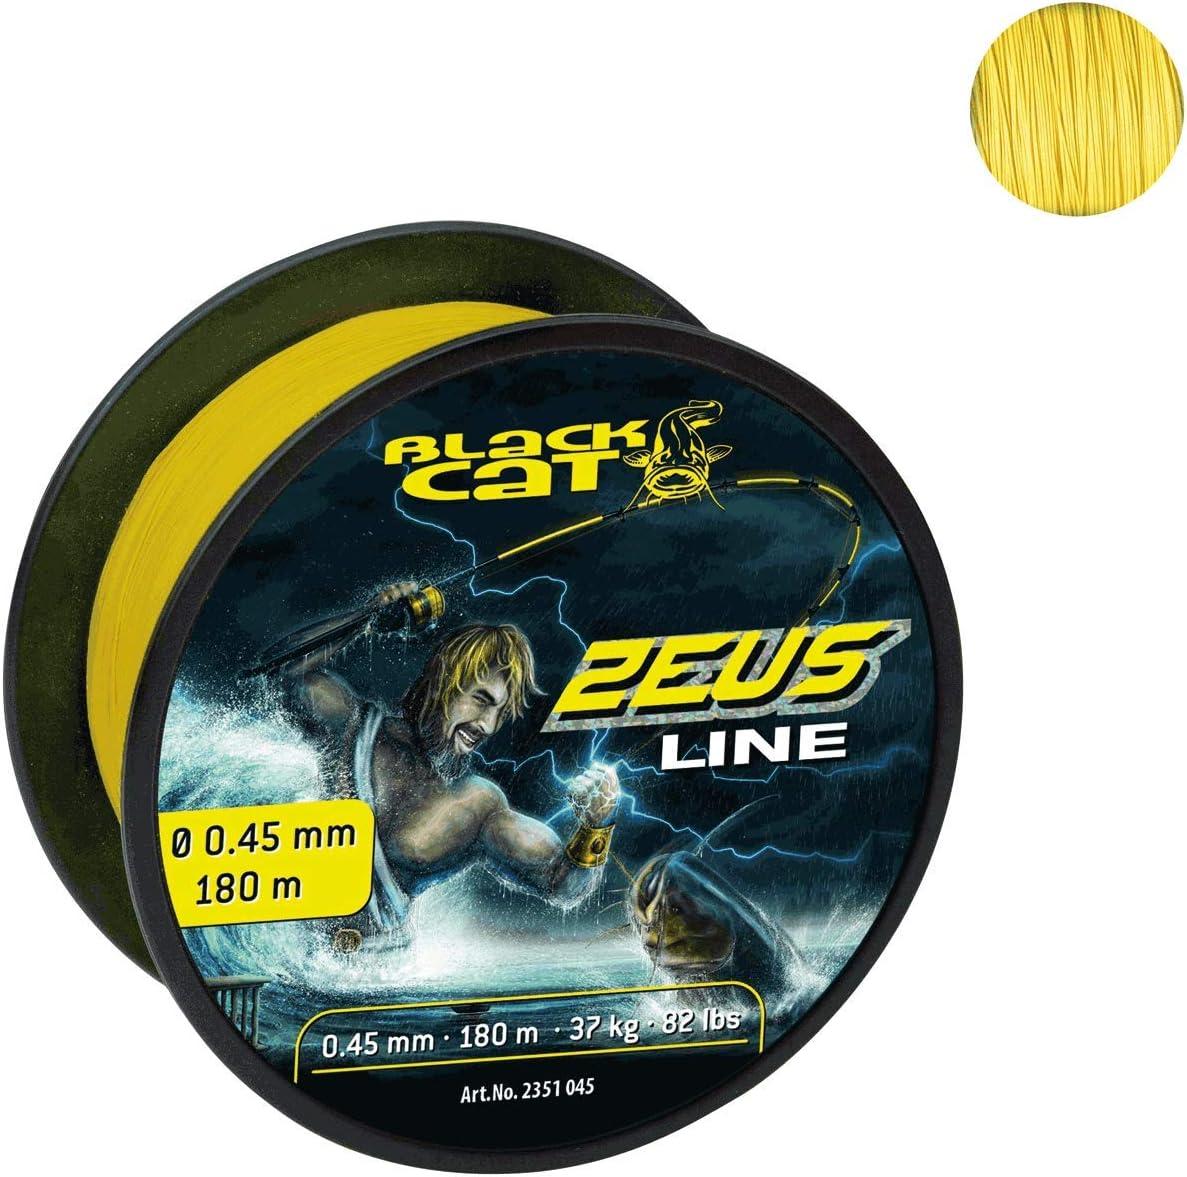 Black Cat Zeus Line Color Amarillo 450 m, 59 kg, 0,60 mm de di/ámetro Hilo de Pescar